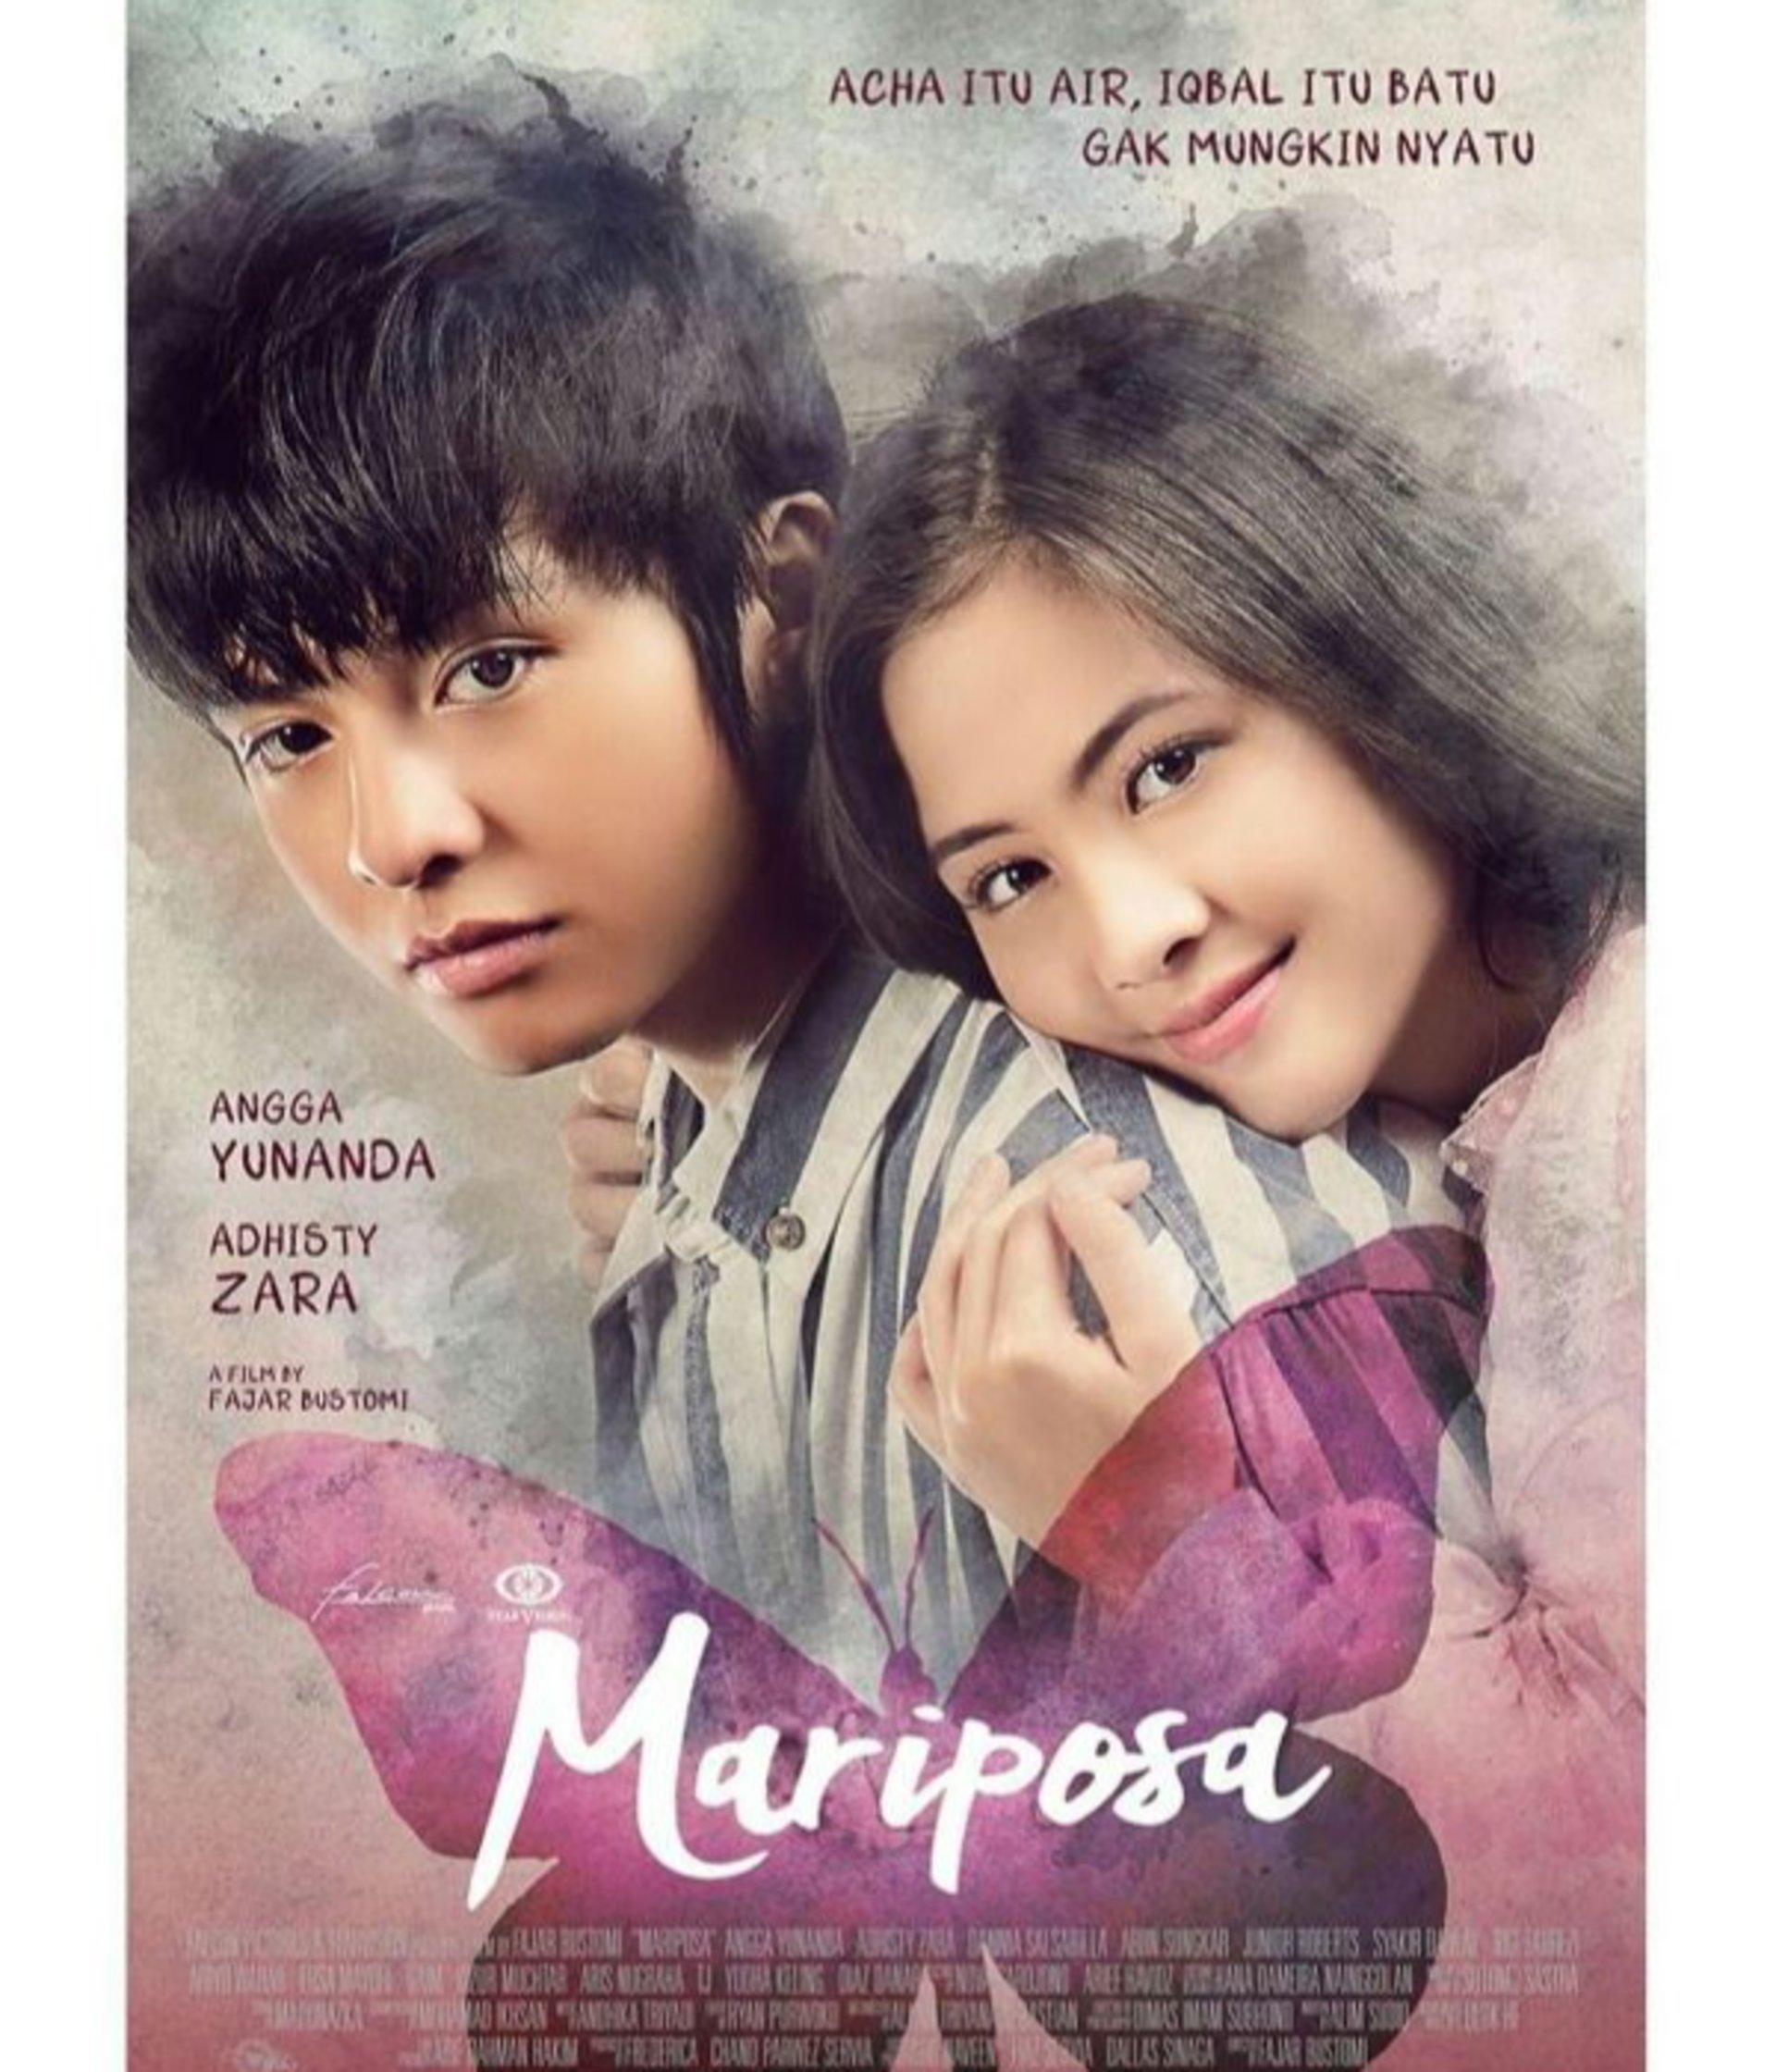 Nonton Film Mariposa (2020) Full Movie Sub Indo | cnnxxi